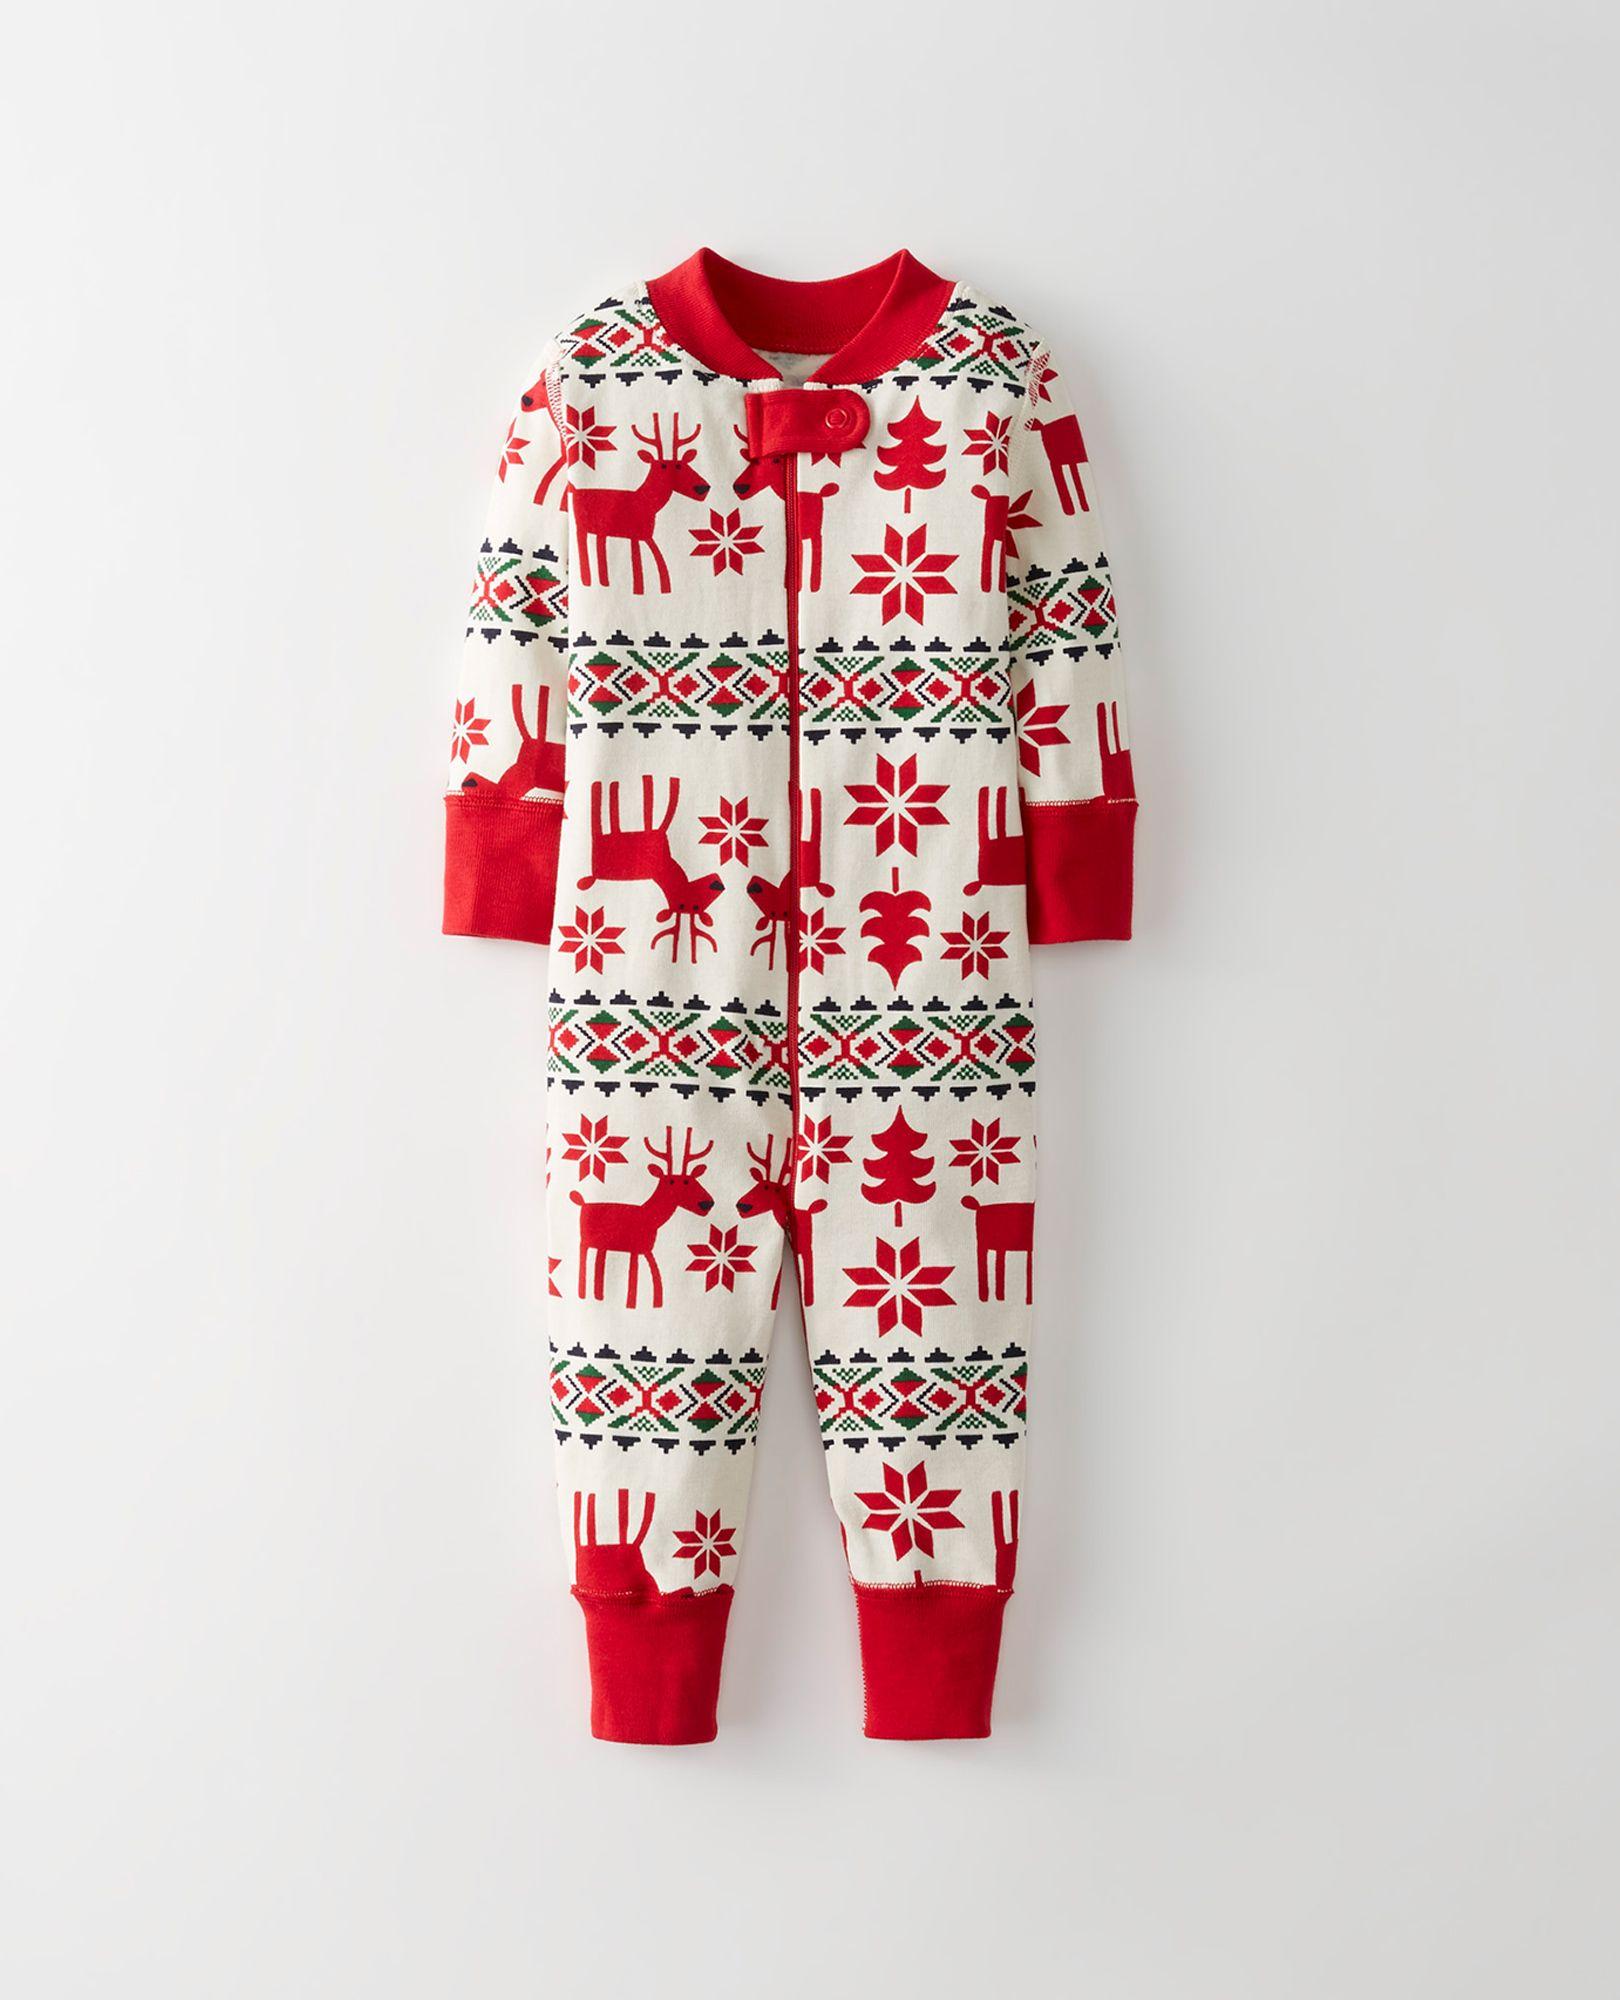 cb075b6803 Cute Christmas pajamas! Night Night Baby Sleepers In Pure Organic Cotton